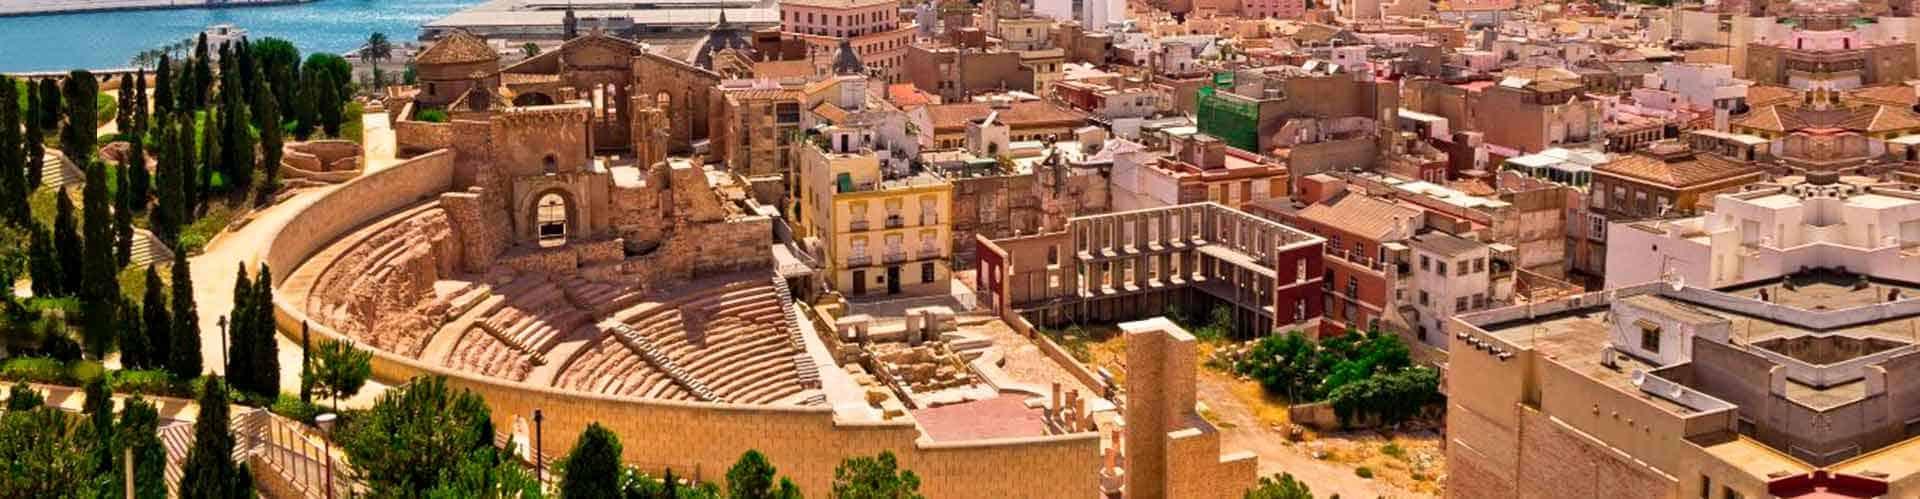 Free Tour Cartagena - Turismo España